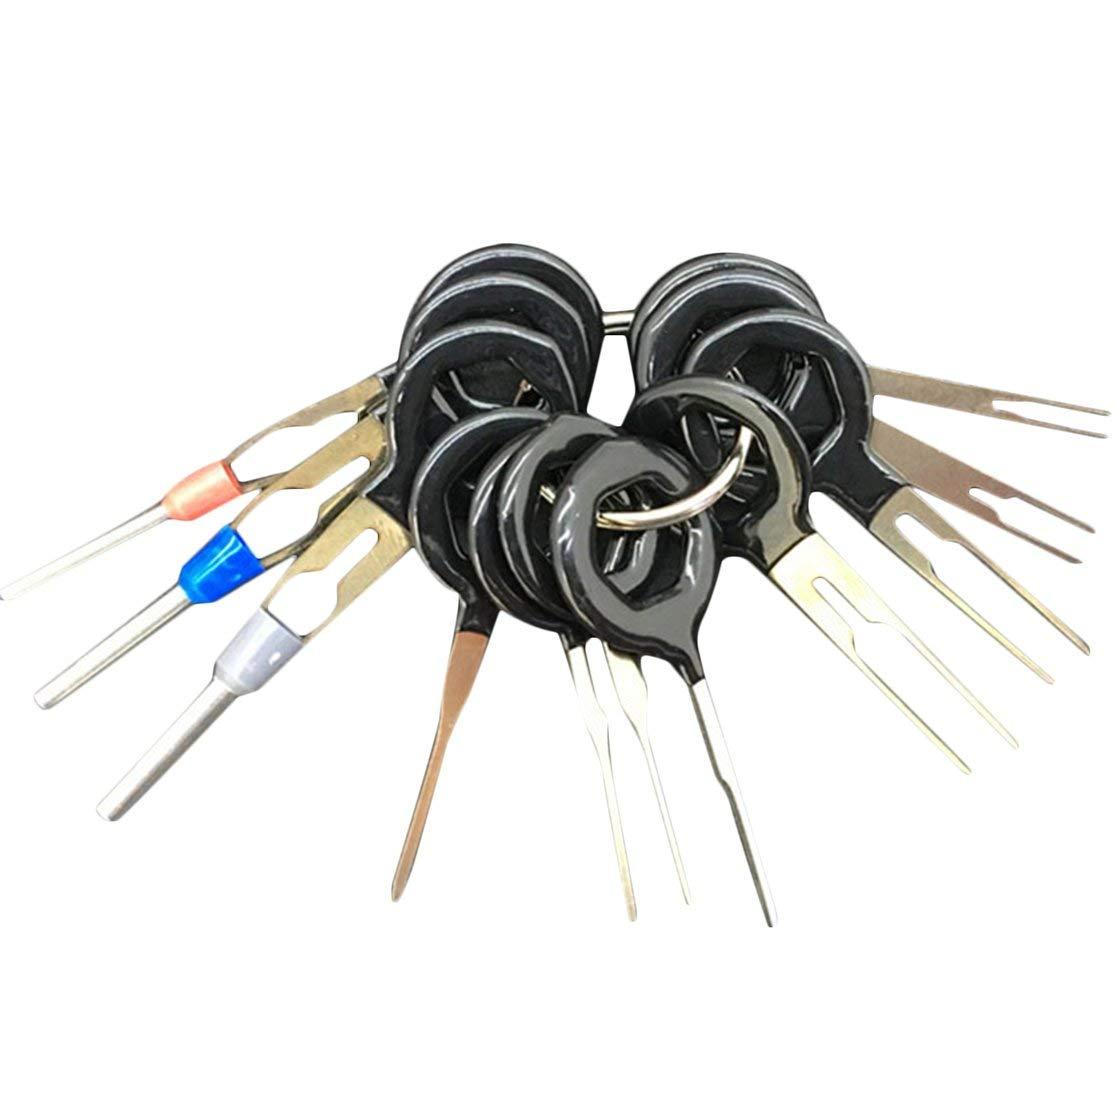 Di alta qualità 11pcs / set Auto Plug Plug terminale di estrazione Pick Back Ago Wire Harness Connector Crimp Pin Repair Tool Set BlackPJenny